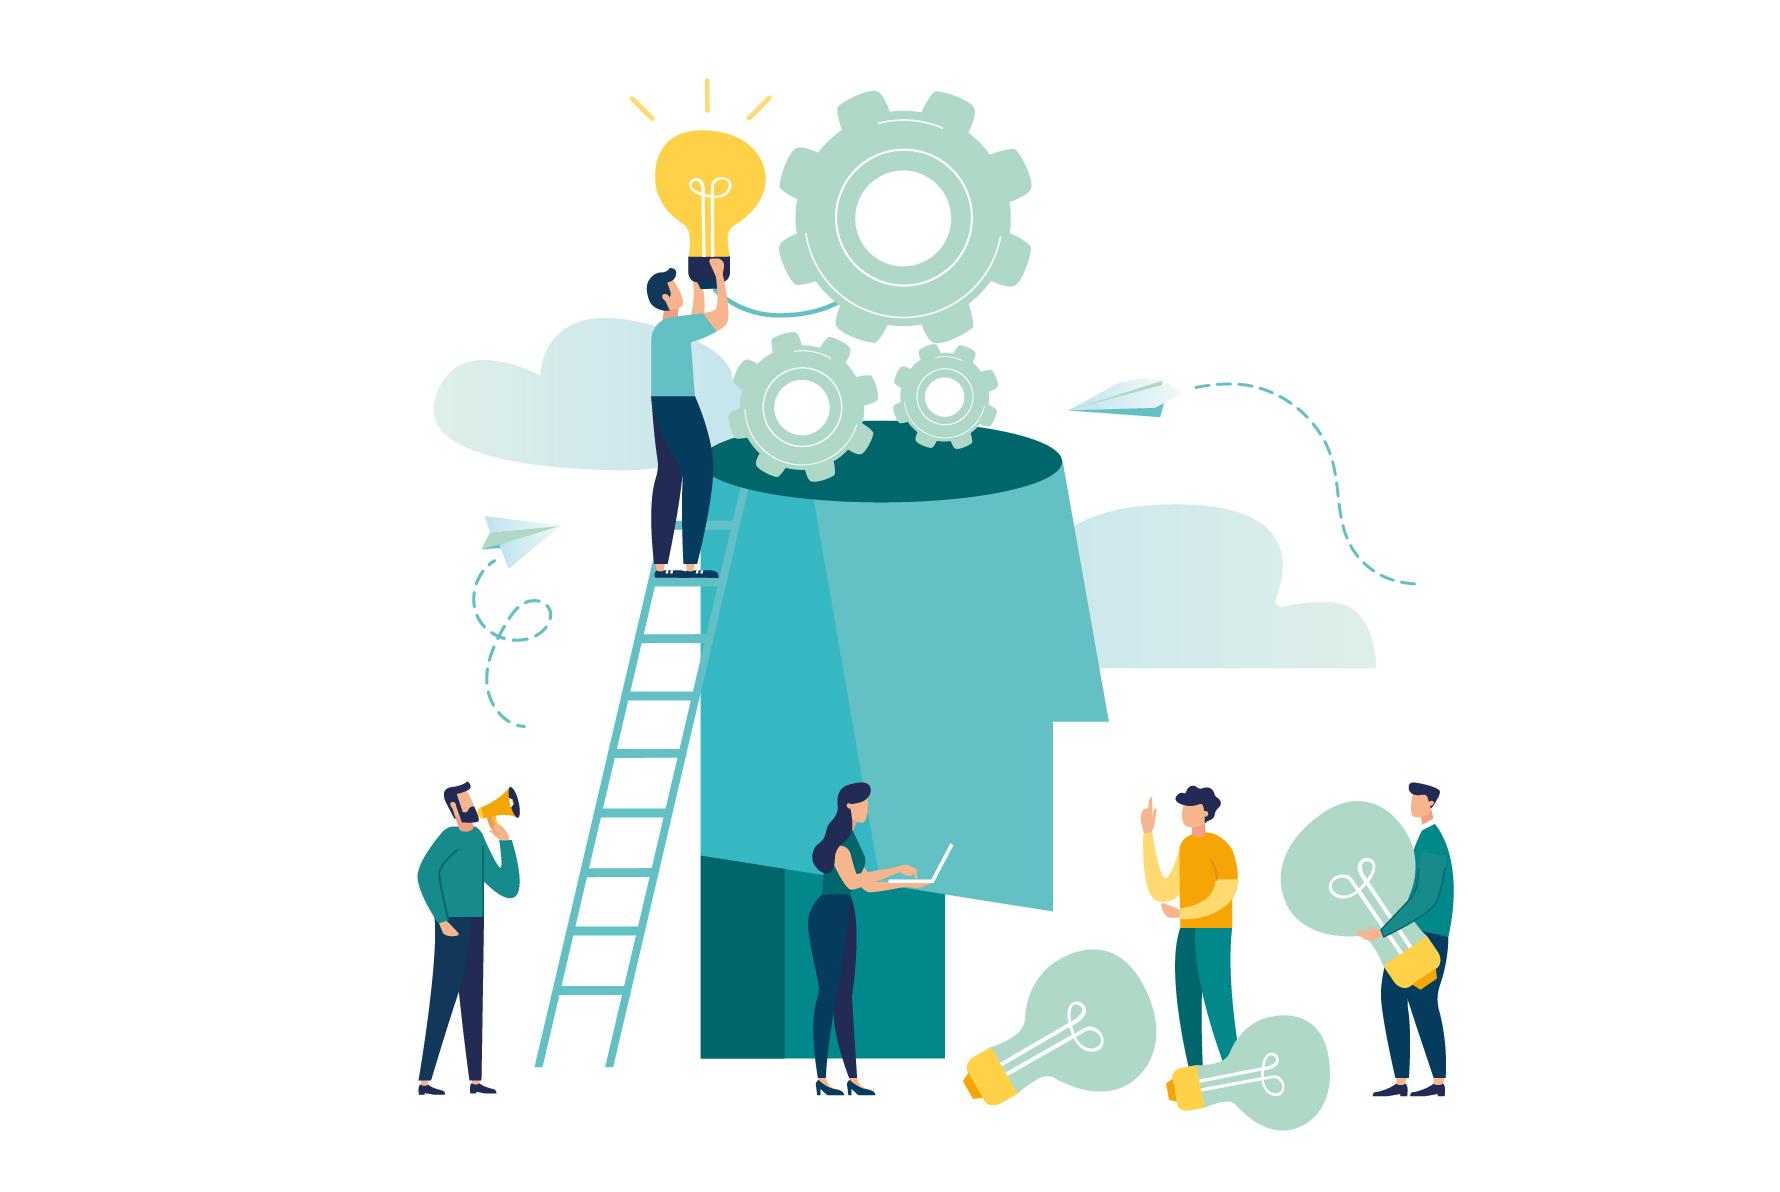 Você promove a capacitação da sua equipe com frequência? Descubra 8 motivos para investir na qualificação dos colaboradores!